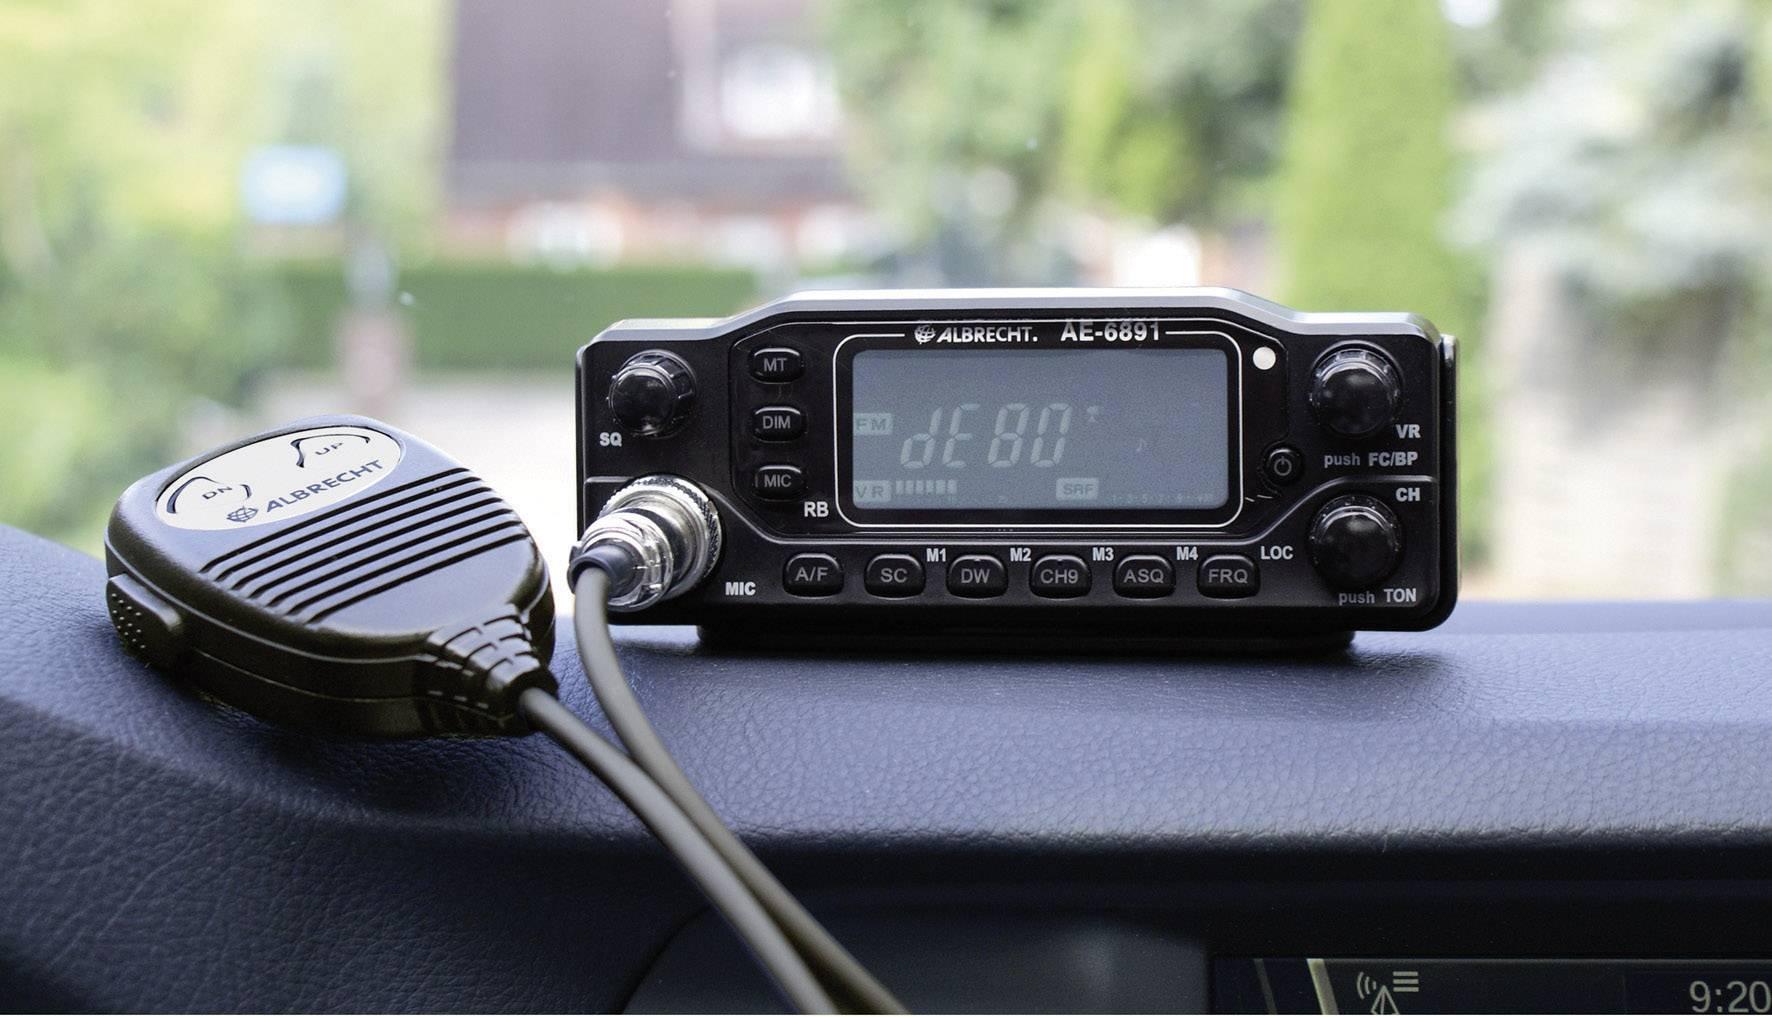 CB rádiostanica/vysielačka Albrecht AE-6891 12691